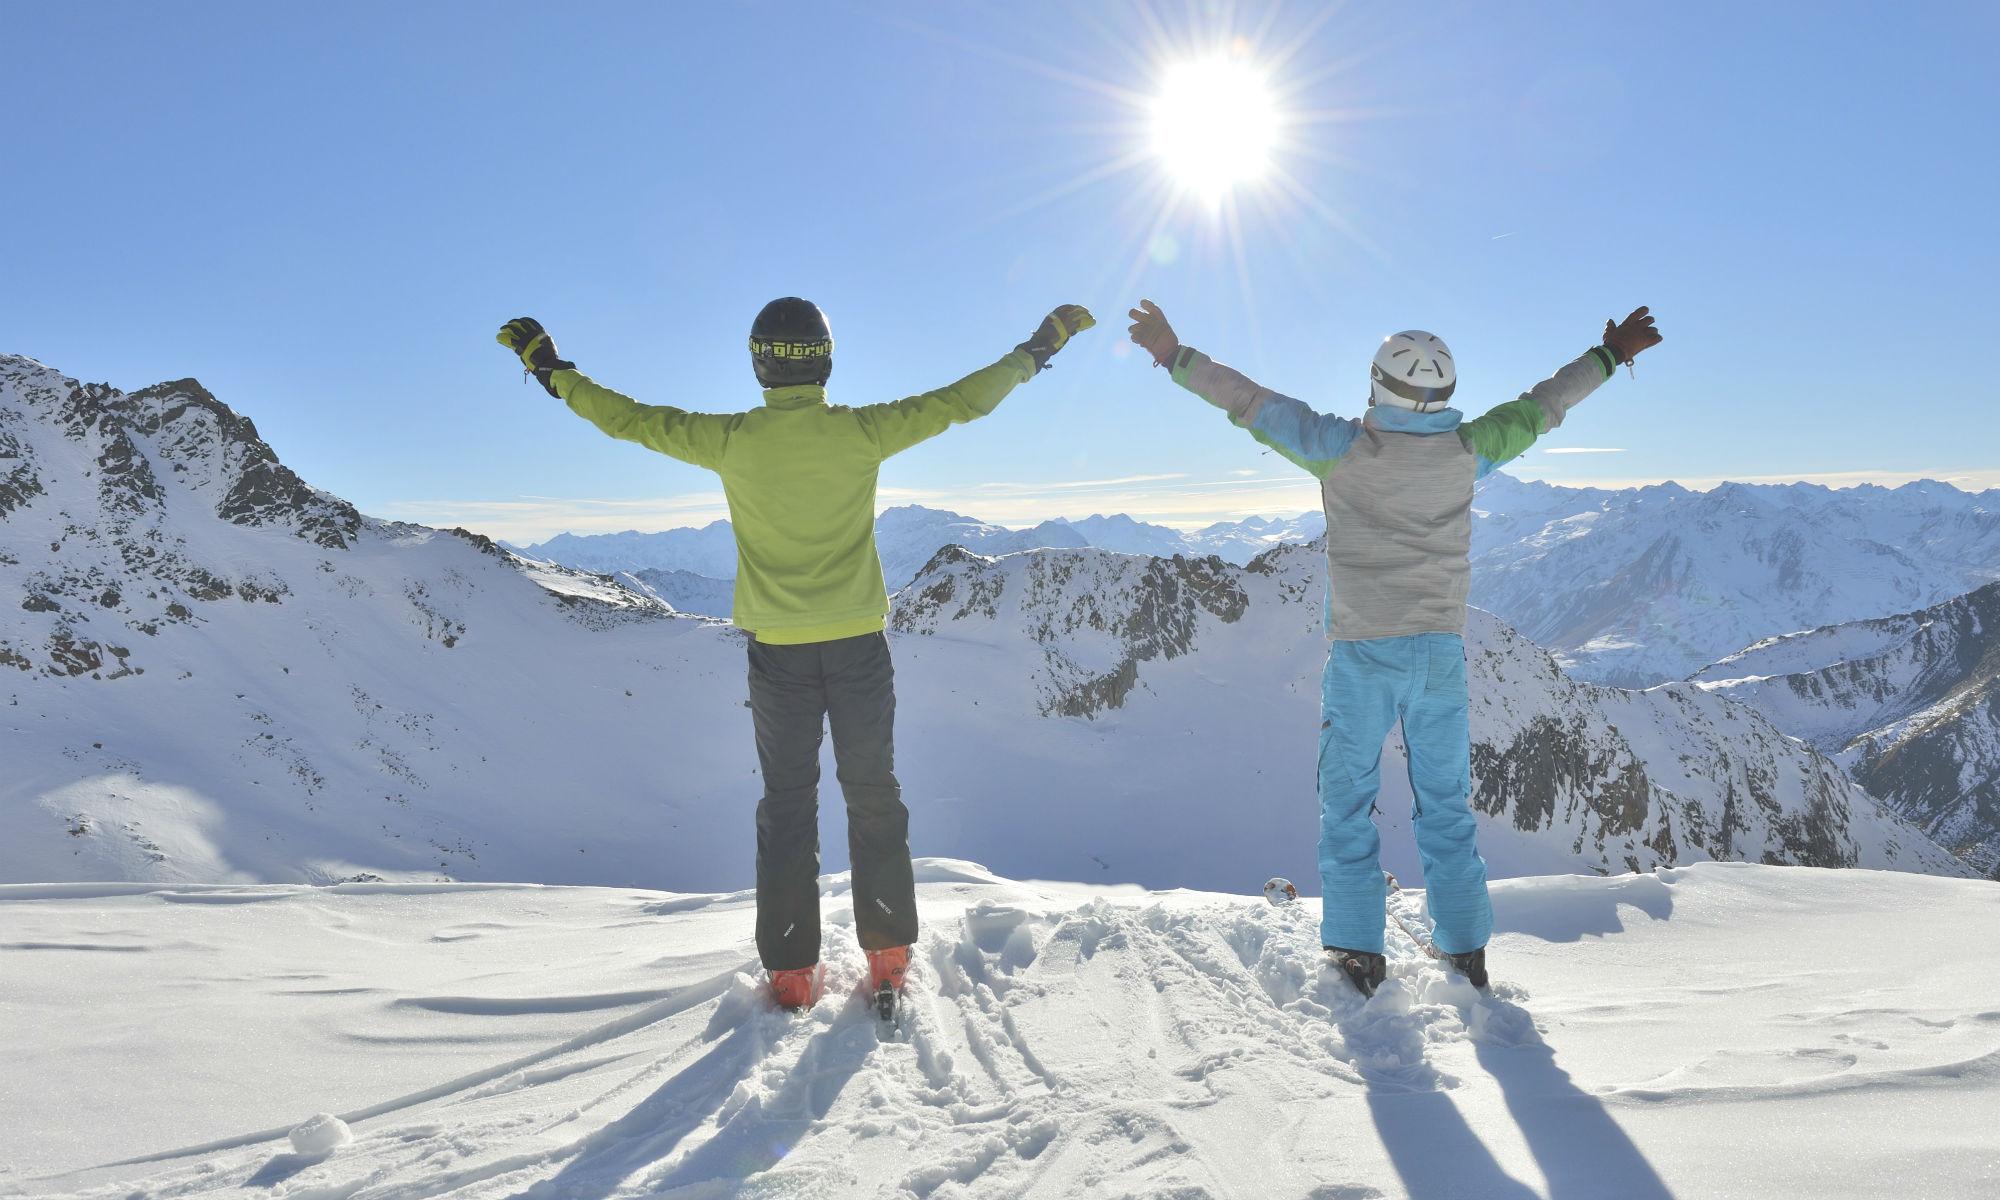 Deux skieurs profitent du soleil en haut d'une montagne.